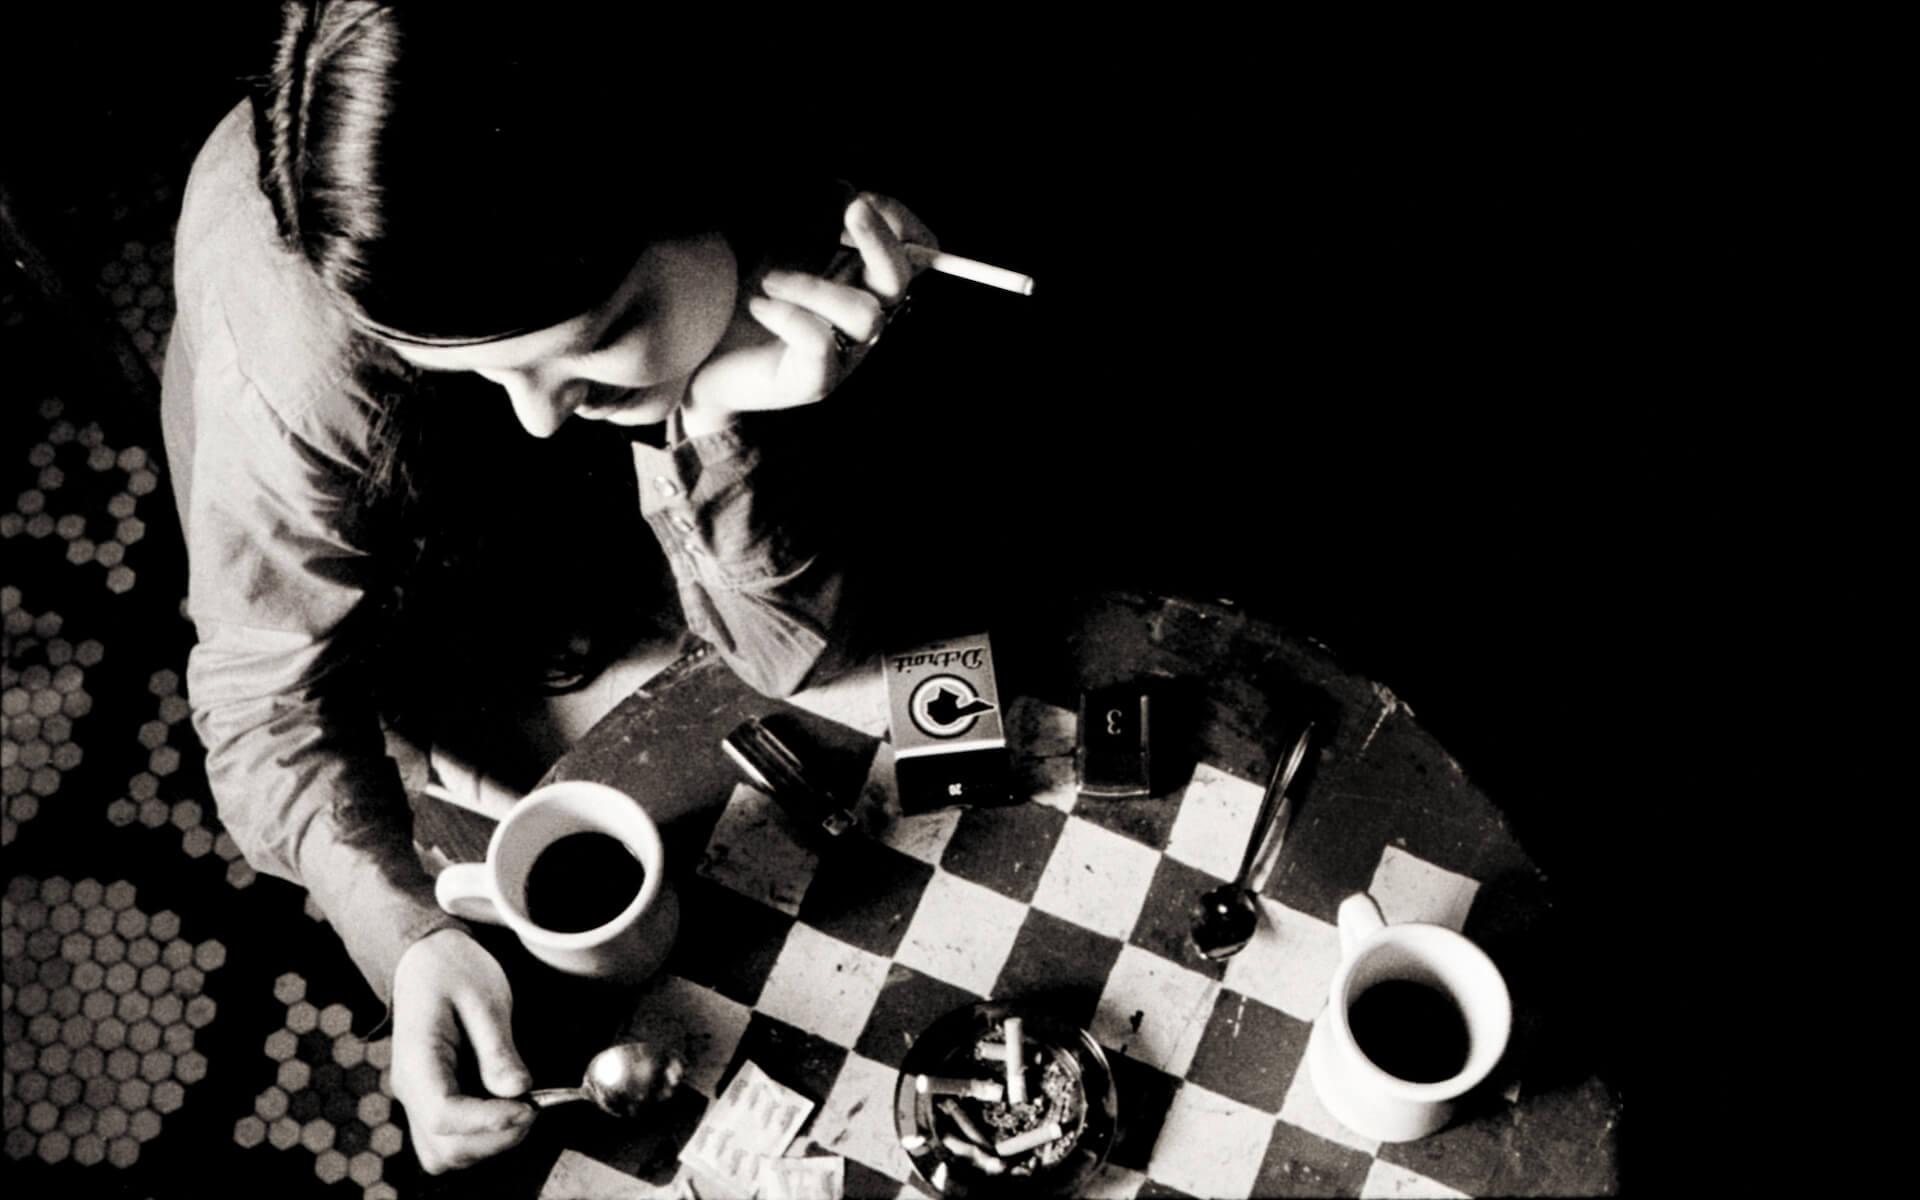 ジム・ジャームッシュの名作が続々上映!『ストレンジャー・ザン・パラダイス』など全12作品のポスター&チラシビジュアルが新たに制作&配布決定 film210611_jimjarmusch_11